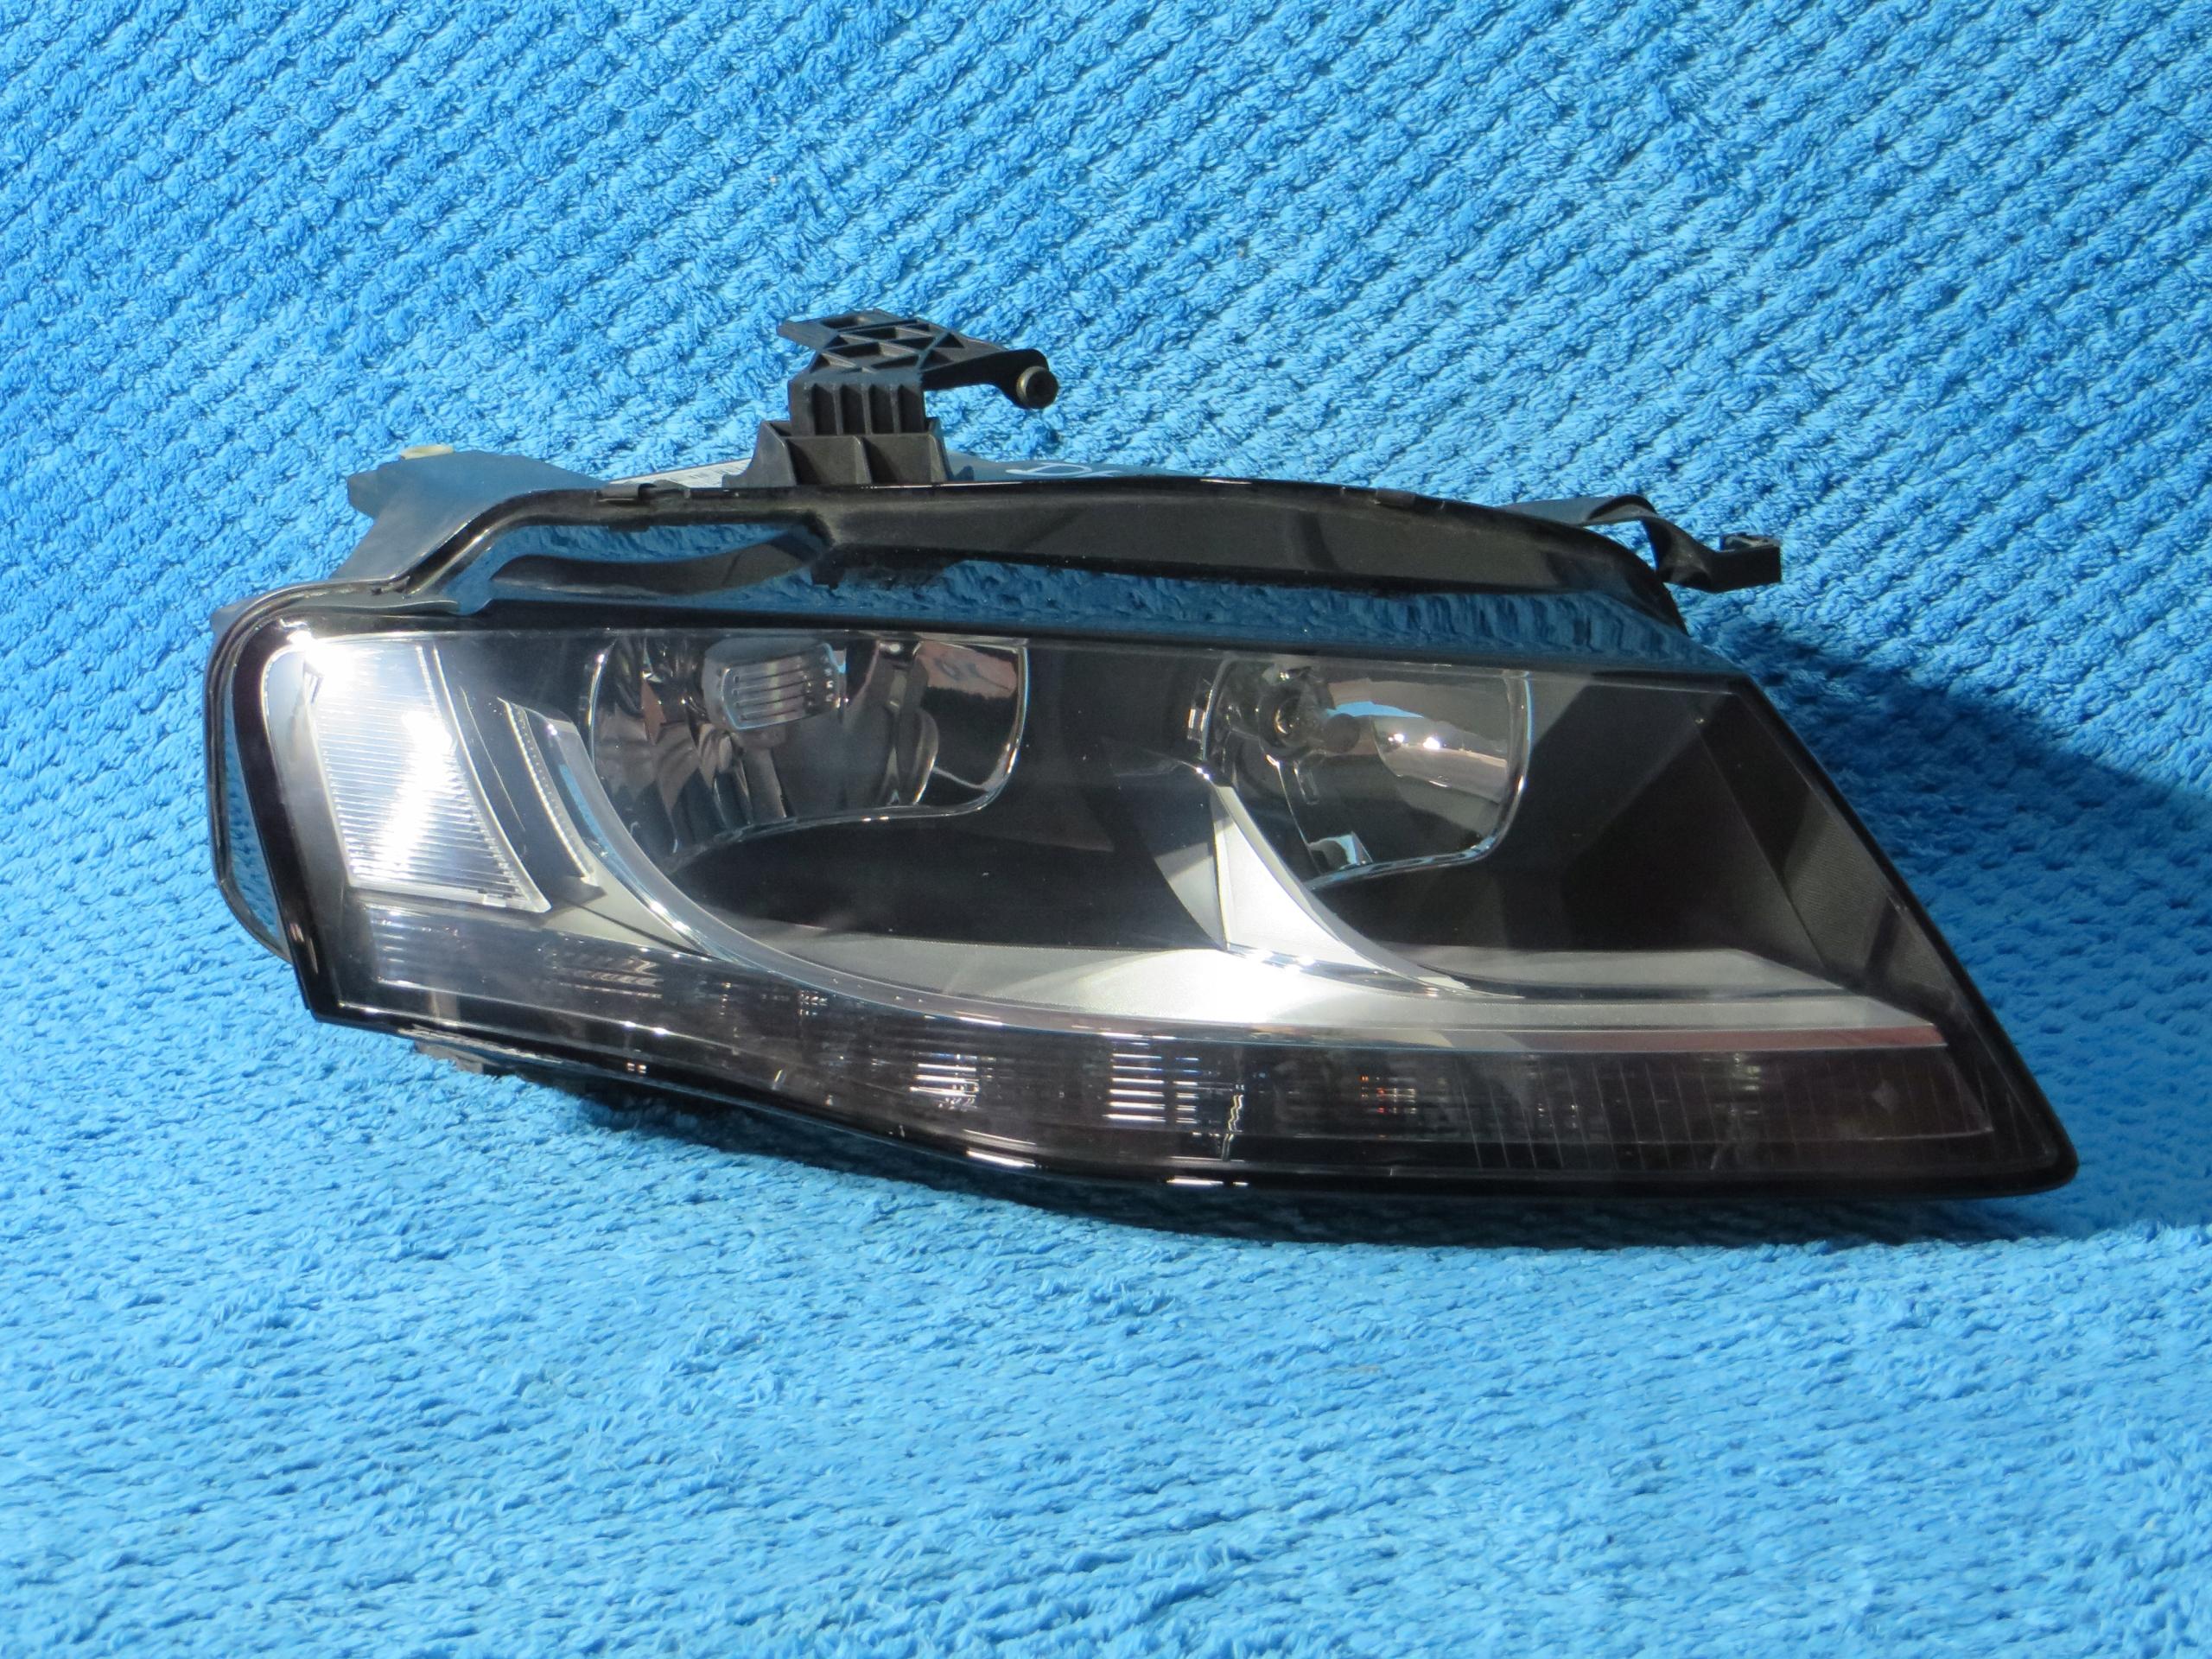 Audi A4 B8 8k0 Lampa Przednia Prawa Przed Lift 7808606647